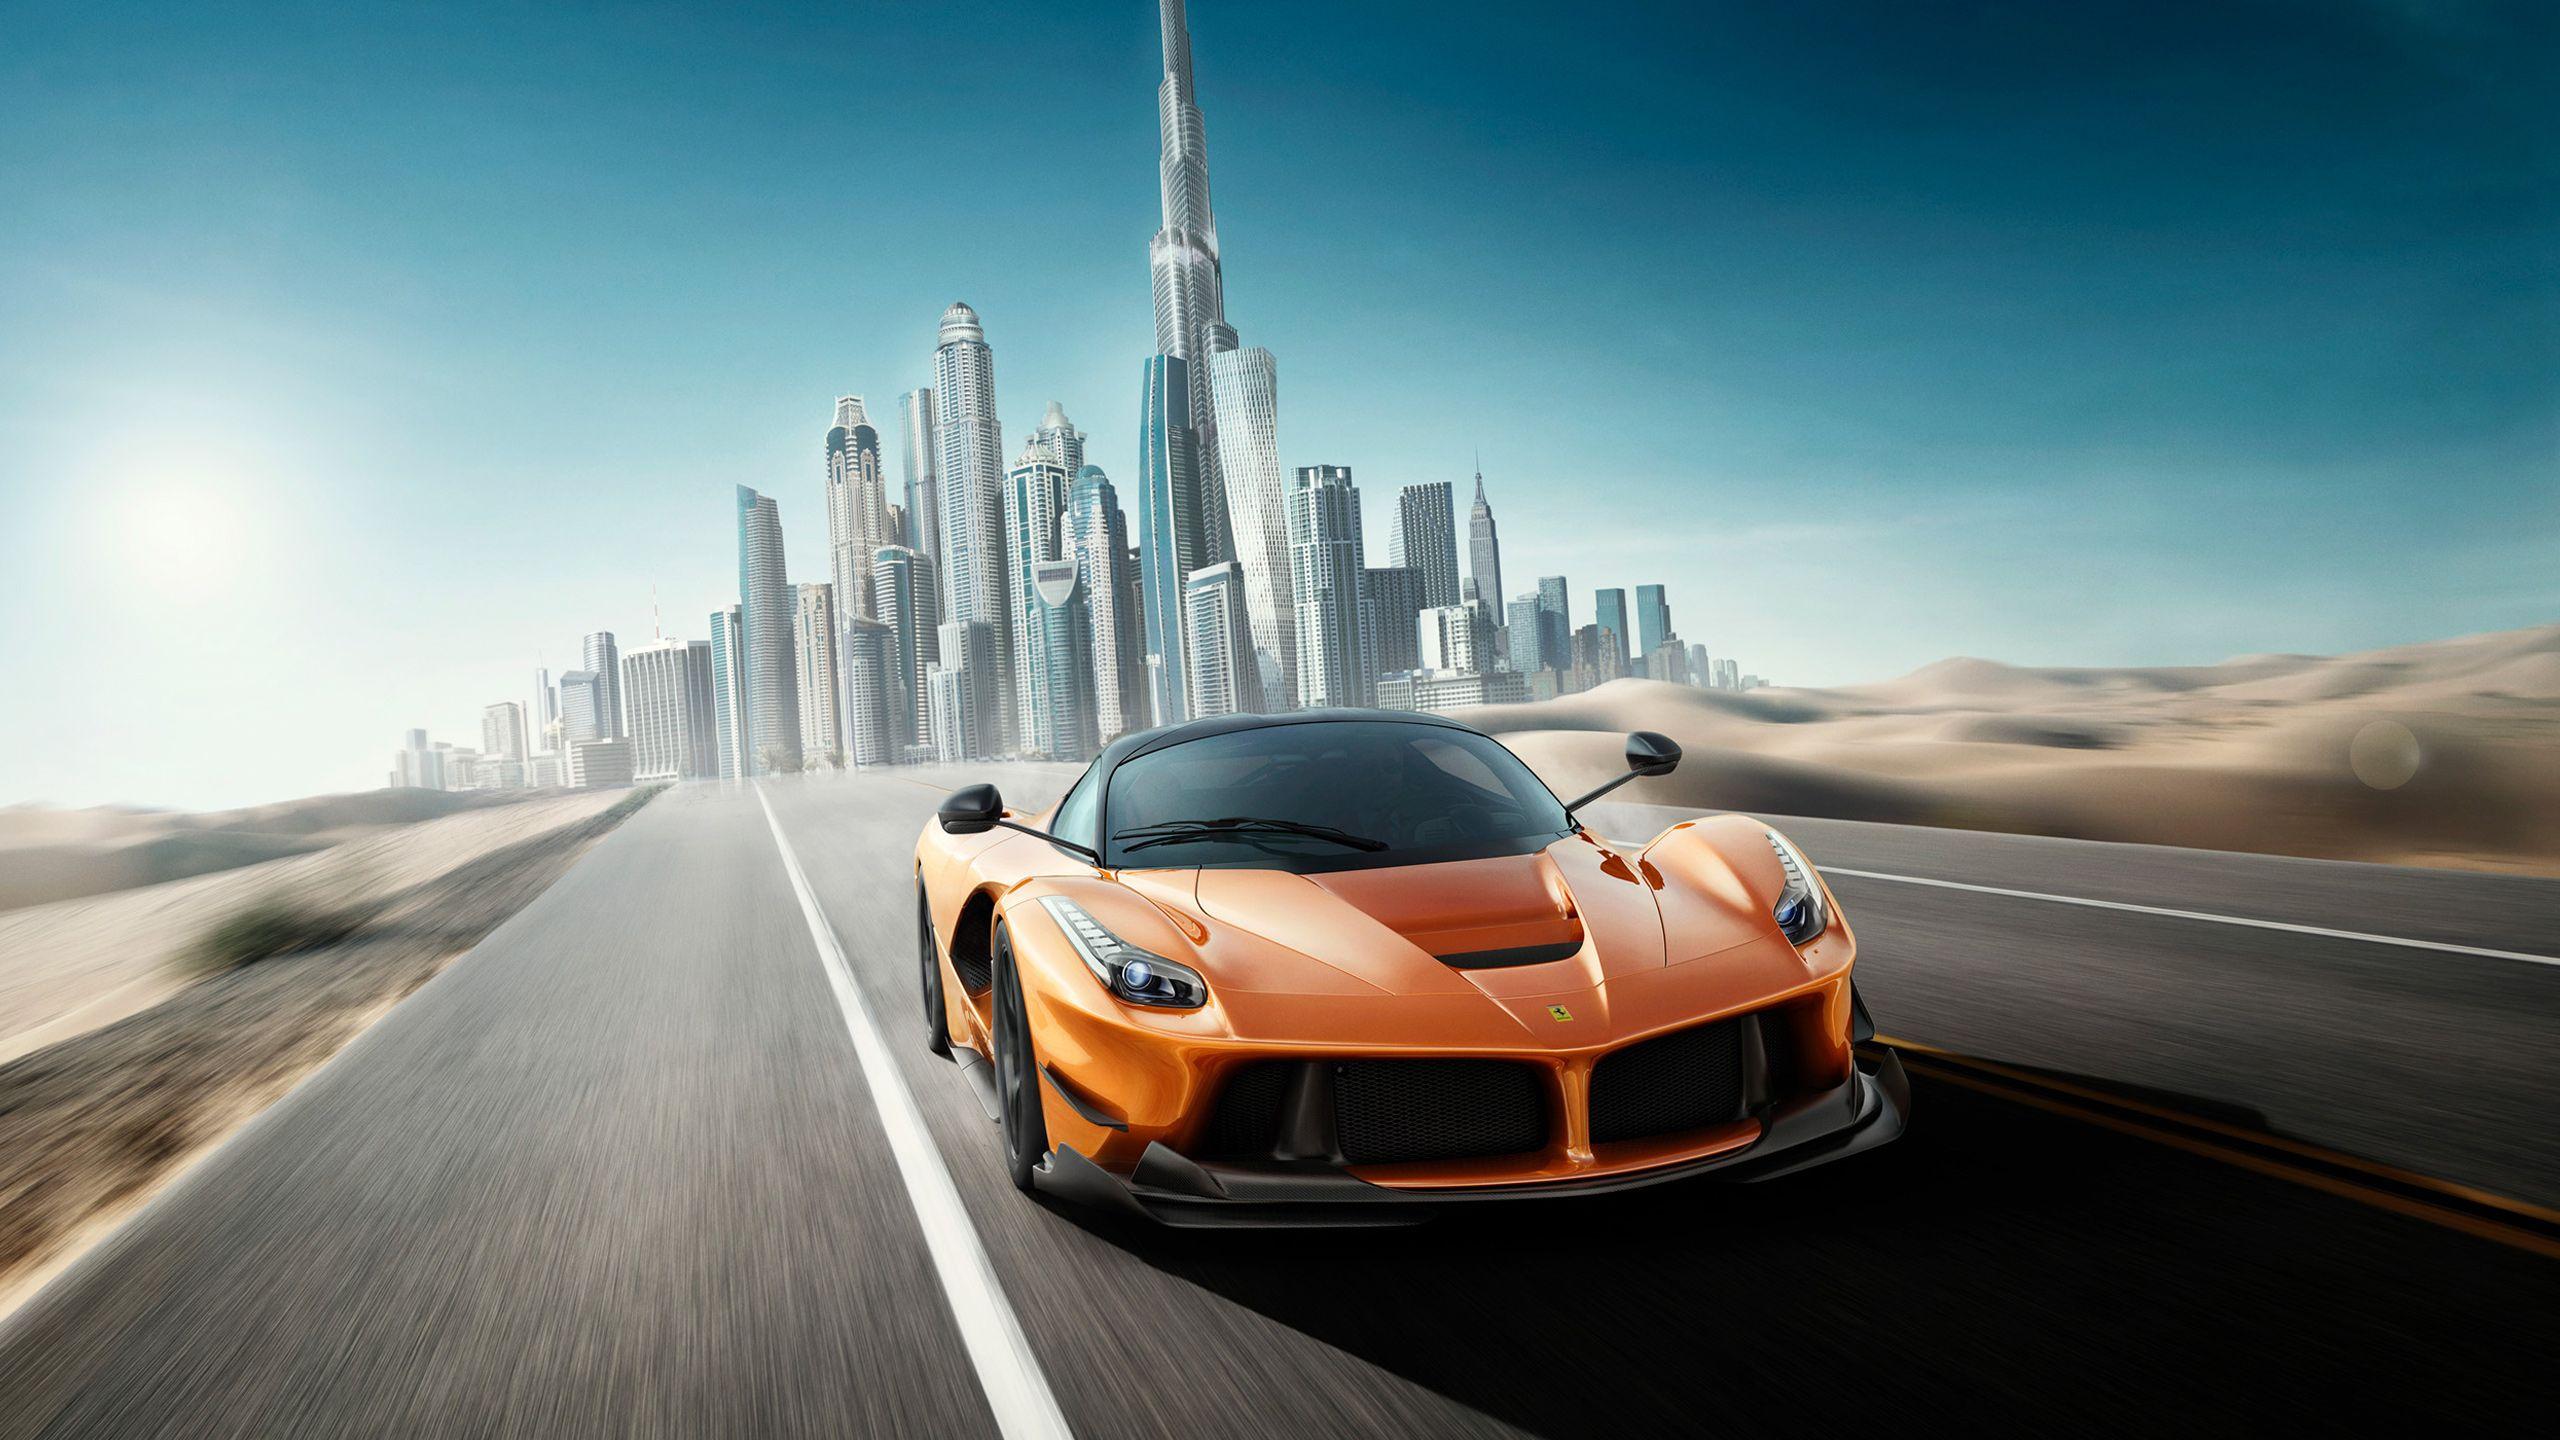 Super Car Wallpapers   Top Super Car Backgrounds 2560x1440